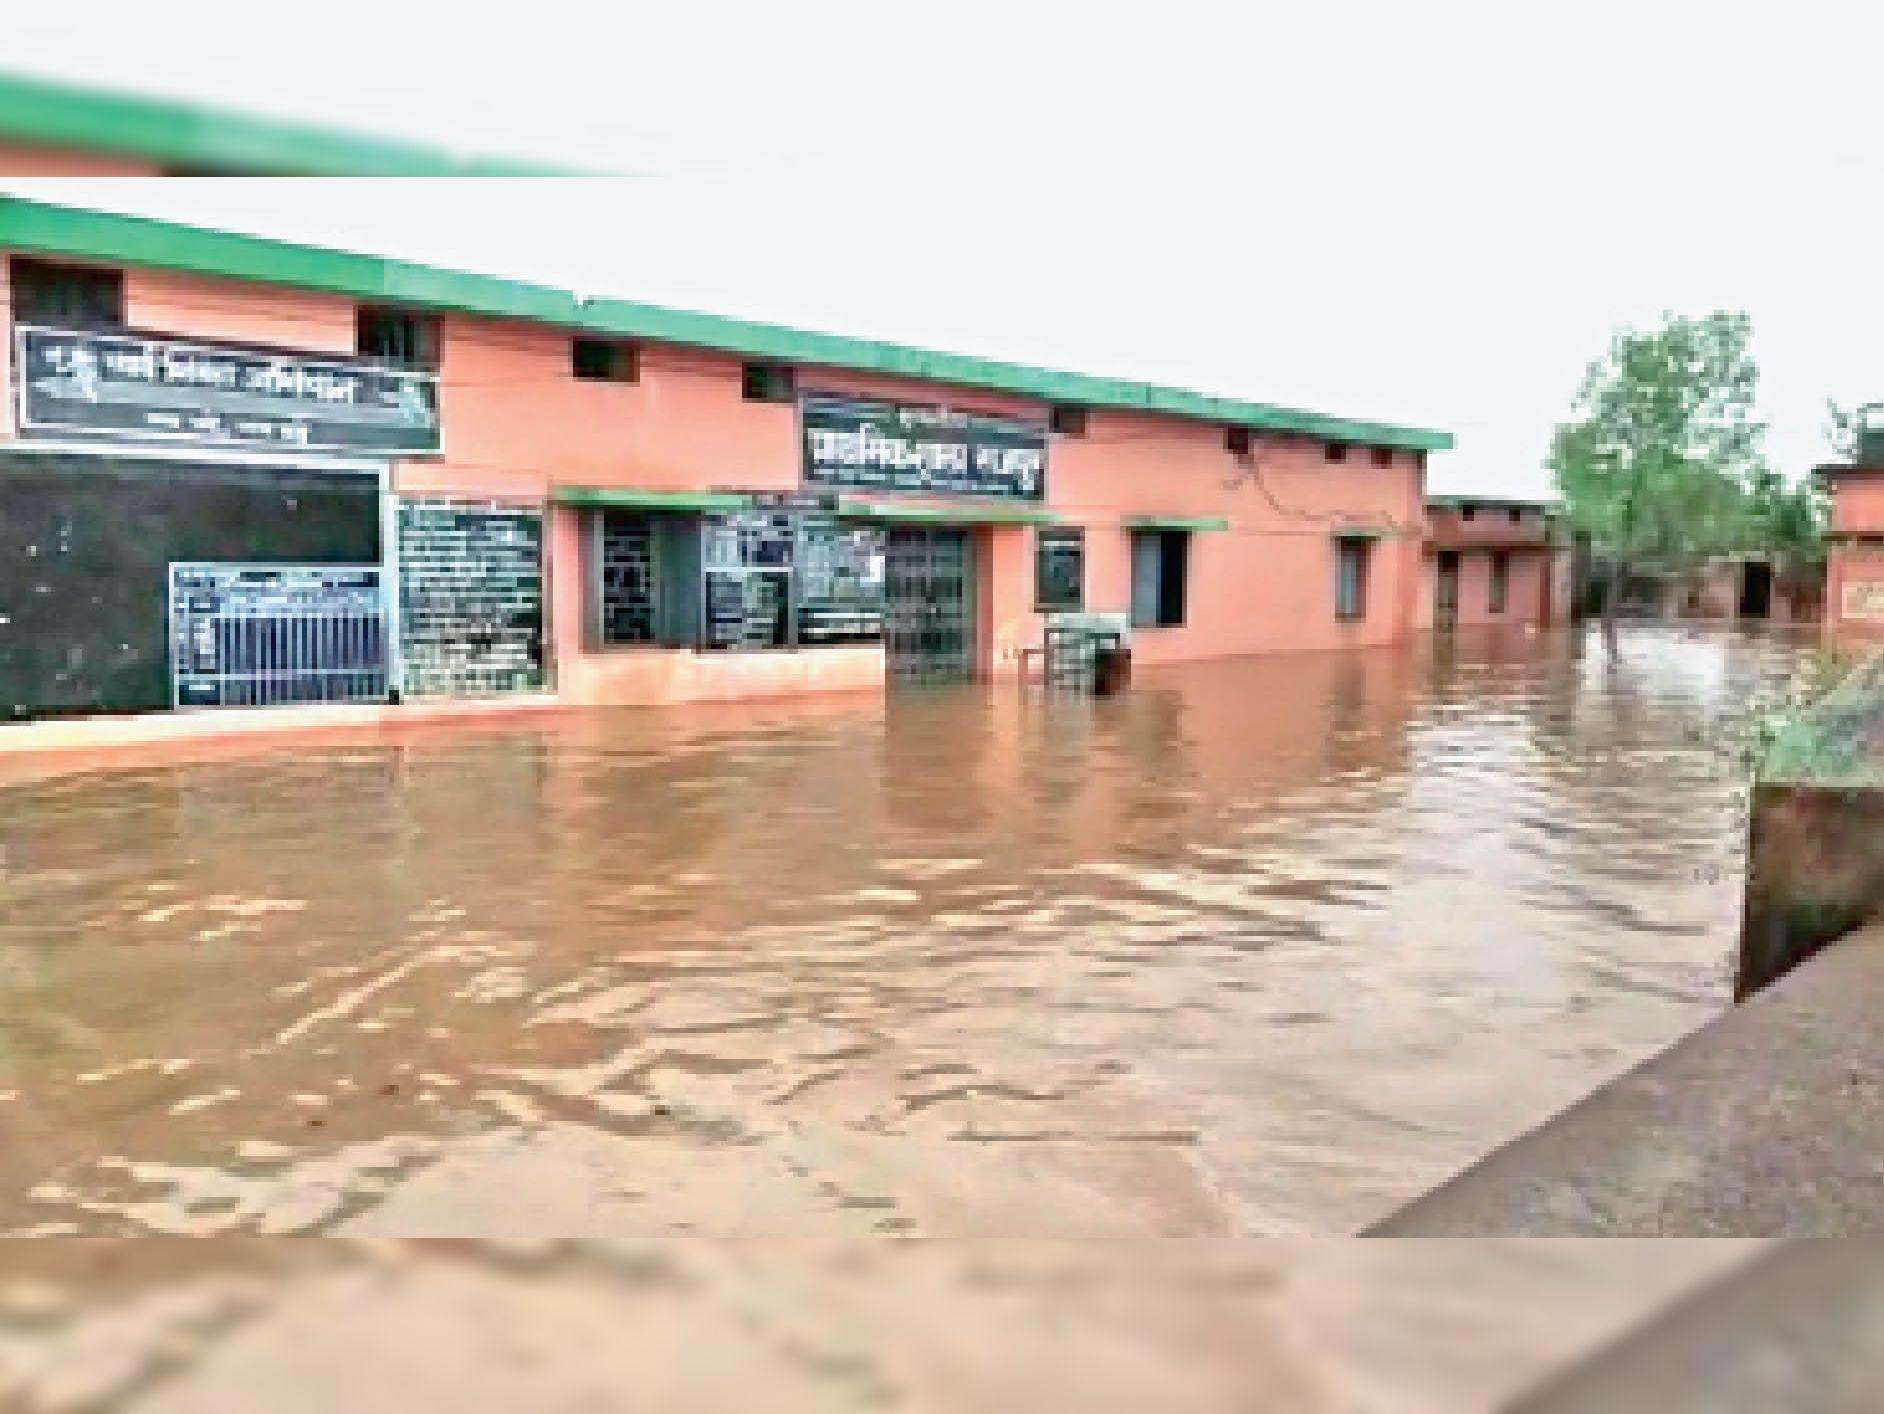 मगरलोड ब्लॉक के राजपुर स्कूल में 2 फीट पानी भर गया। स्कूल नहीं लगा। - Dainik Bhaskar